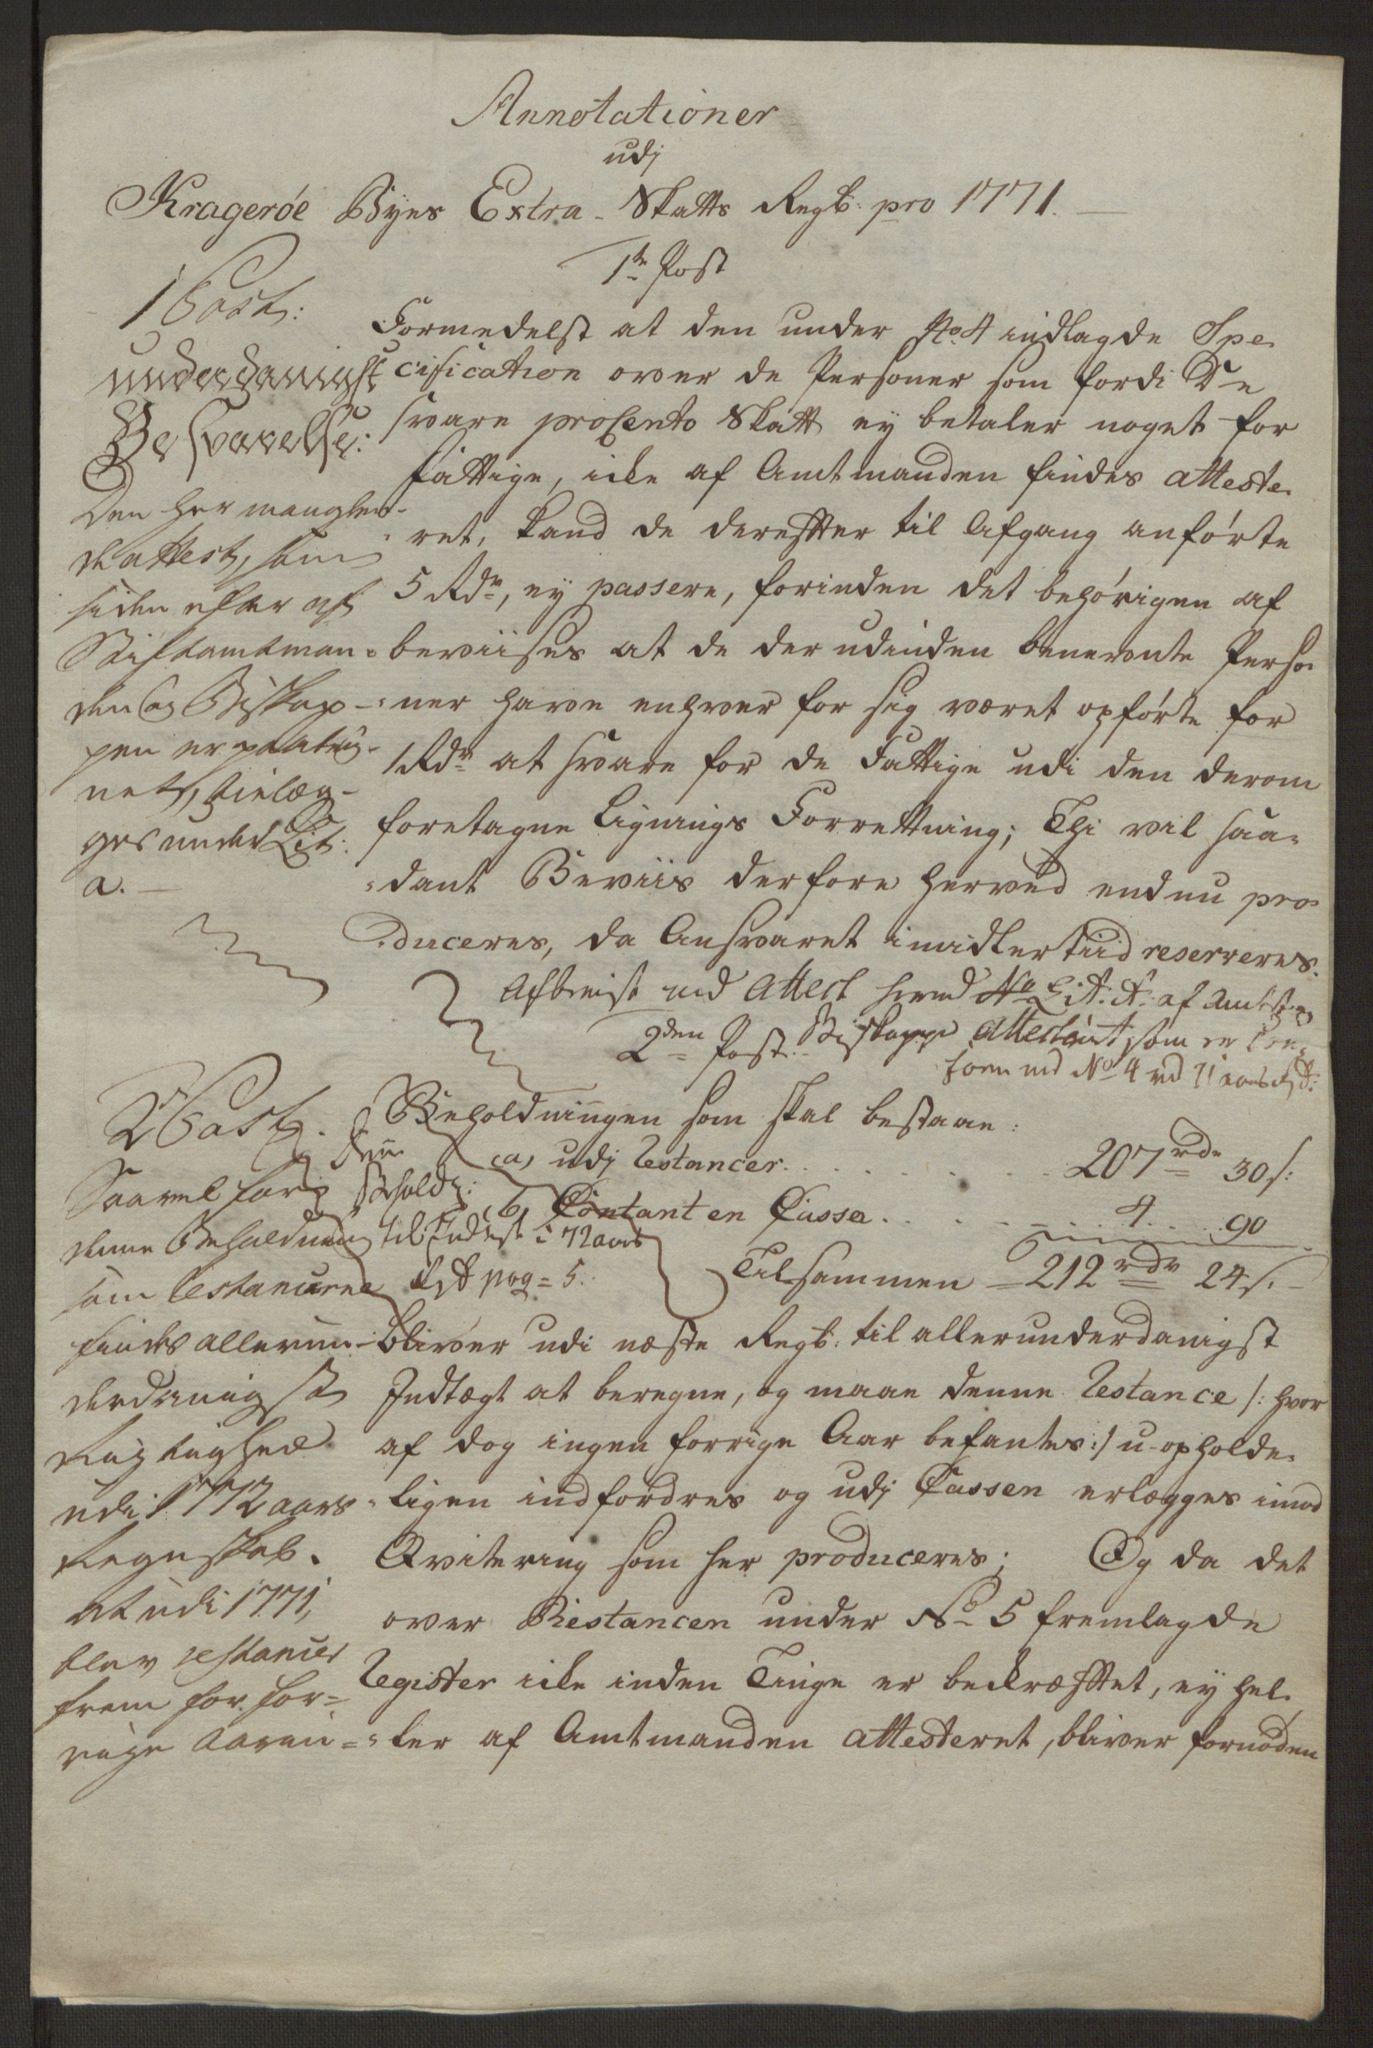 RA, Rentekammeret inntil 1814, Reviderte regnskaper, Byregnskaper, R/Rk/L0218: [K2] Kontribusjonsregnskap, 1768-1772, s. 91